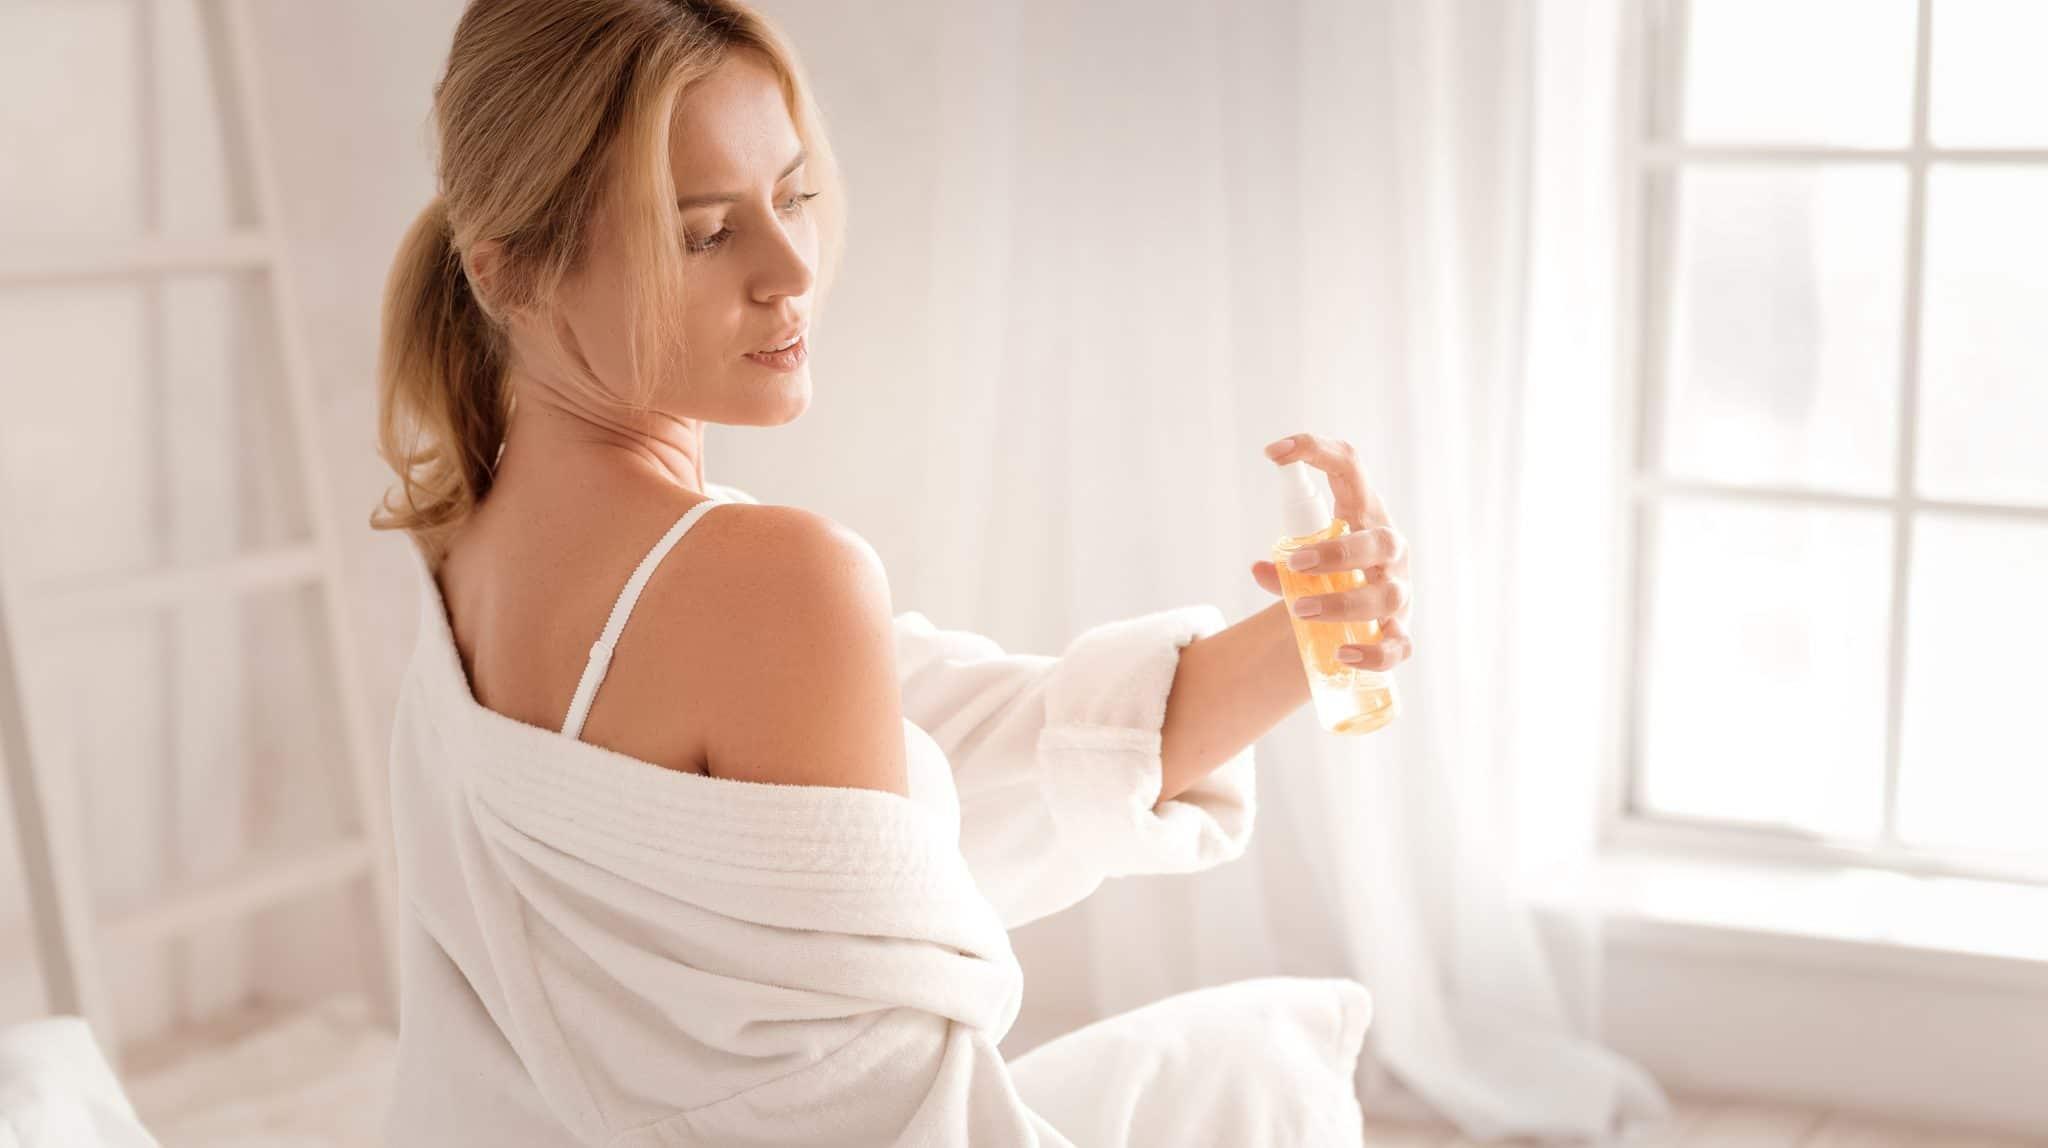 bed bug travel spray , bed bug repellent , bed bug repellent for skin , prevent bed bugs , Bed Bug Repellent body spray , Bed bug spray that works , Side effects of bed bug bites